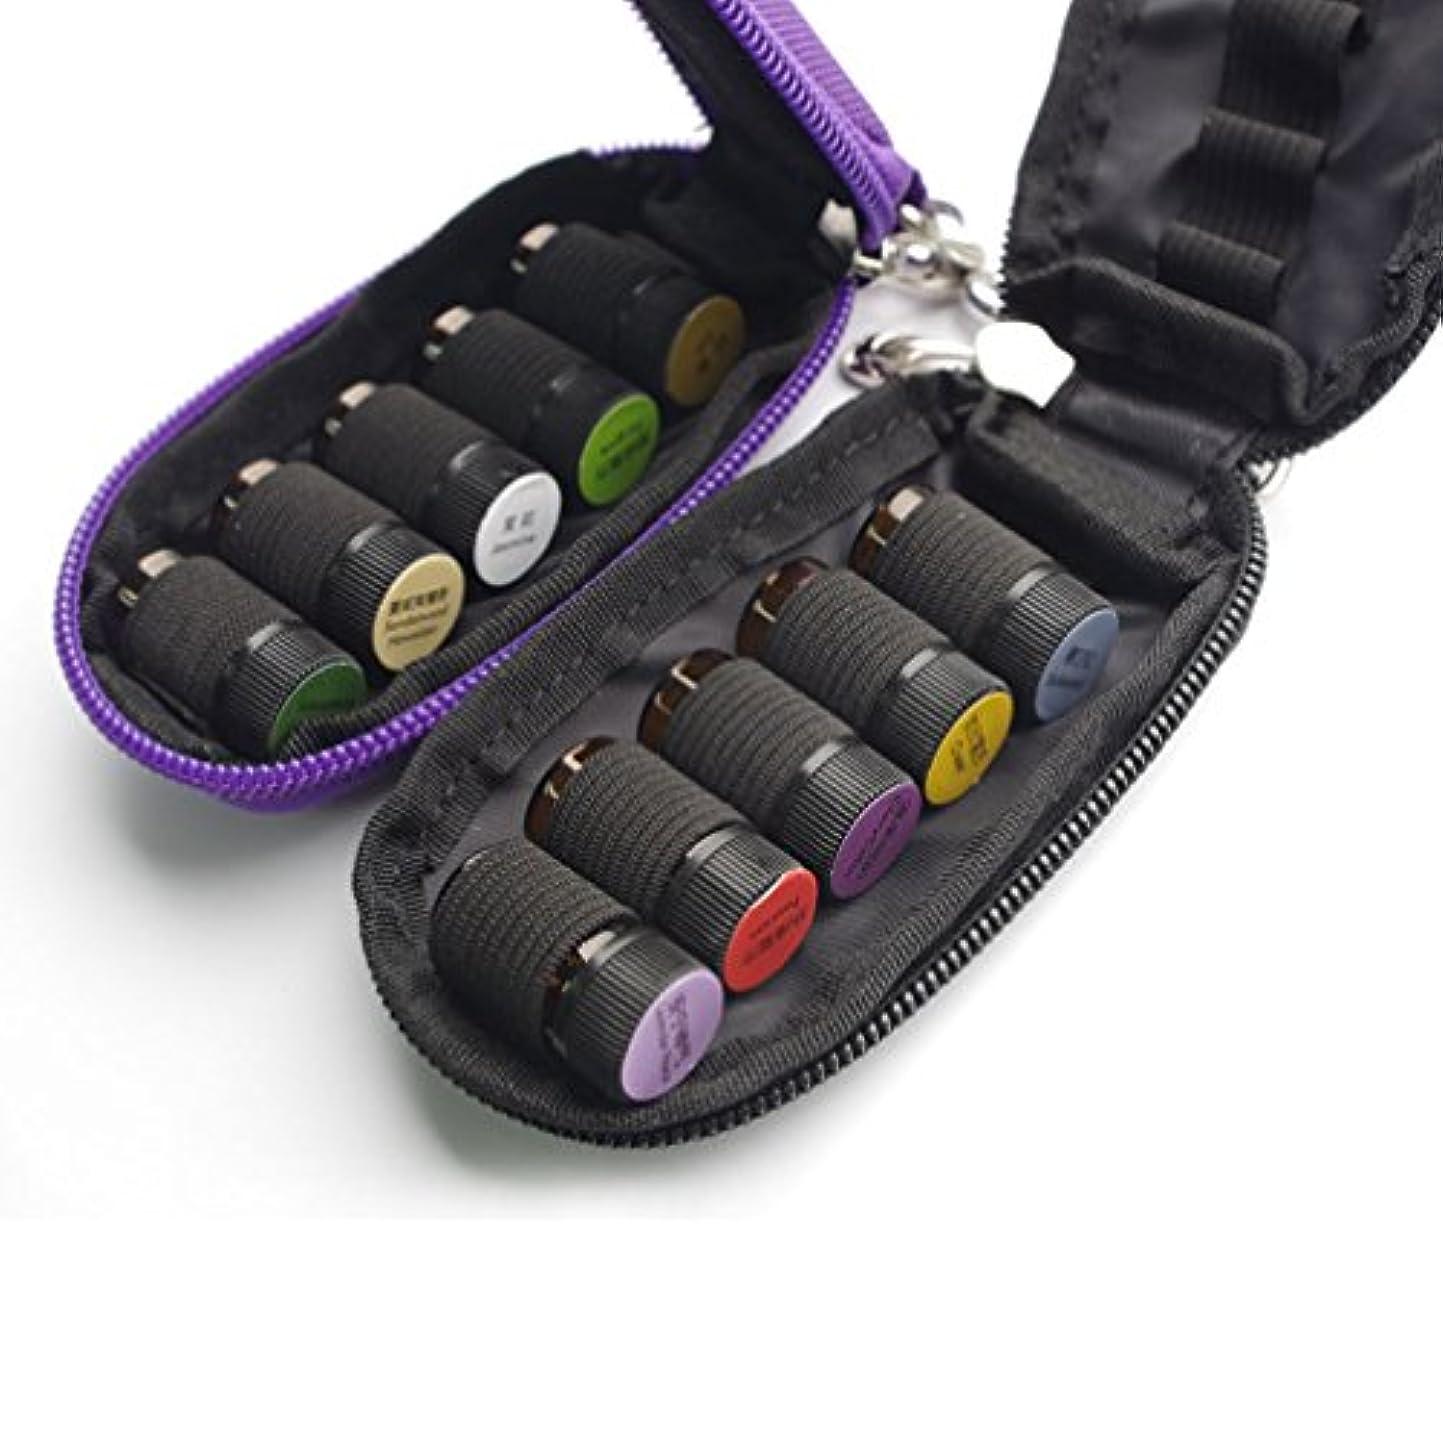 チャーターリンス単調なBEE&BLUE アロマポーチ エッセンシャルオイル ケース 携帯用 アロマケース メイクポーチ 精油ケース 10本用